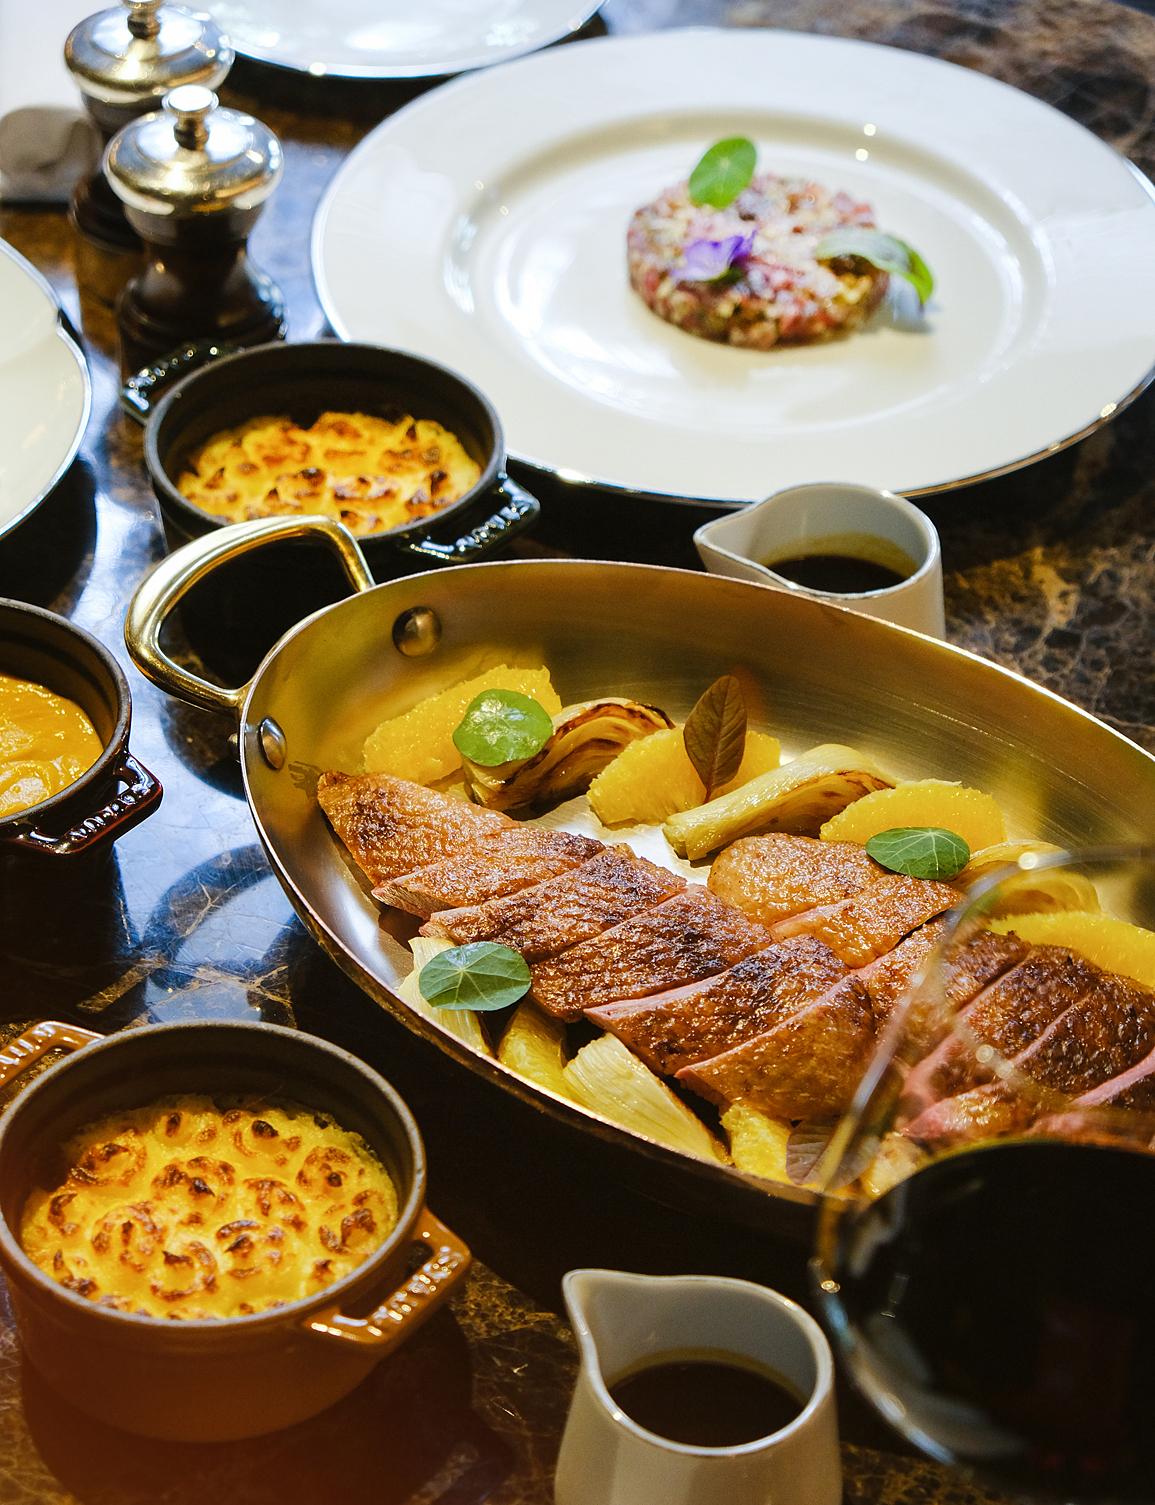 Món ngan Muscovy được bếp trưởng Adrien nấu từ ức ngan, cam, thêm thảo mộc và gia vị đậm đà.